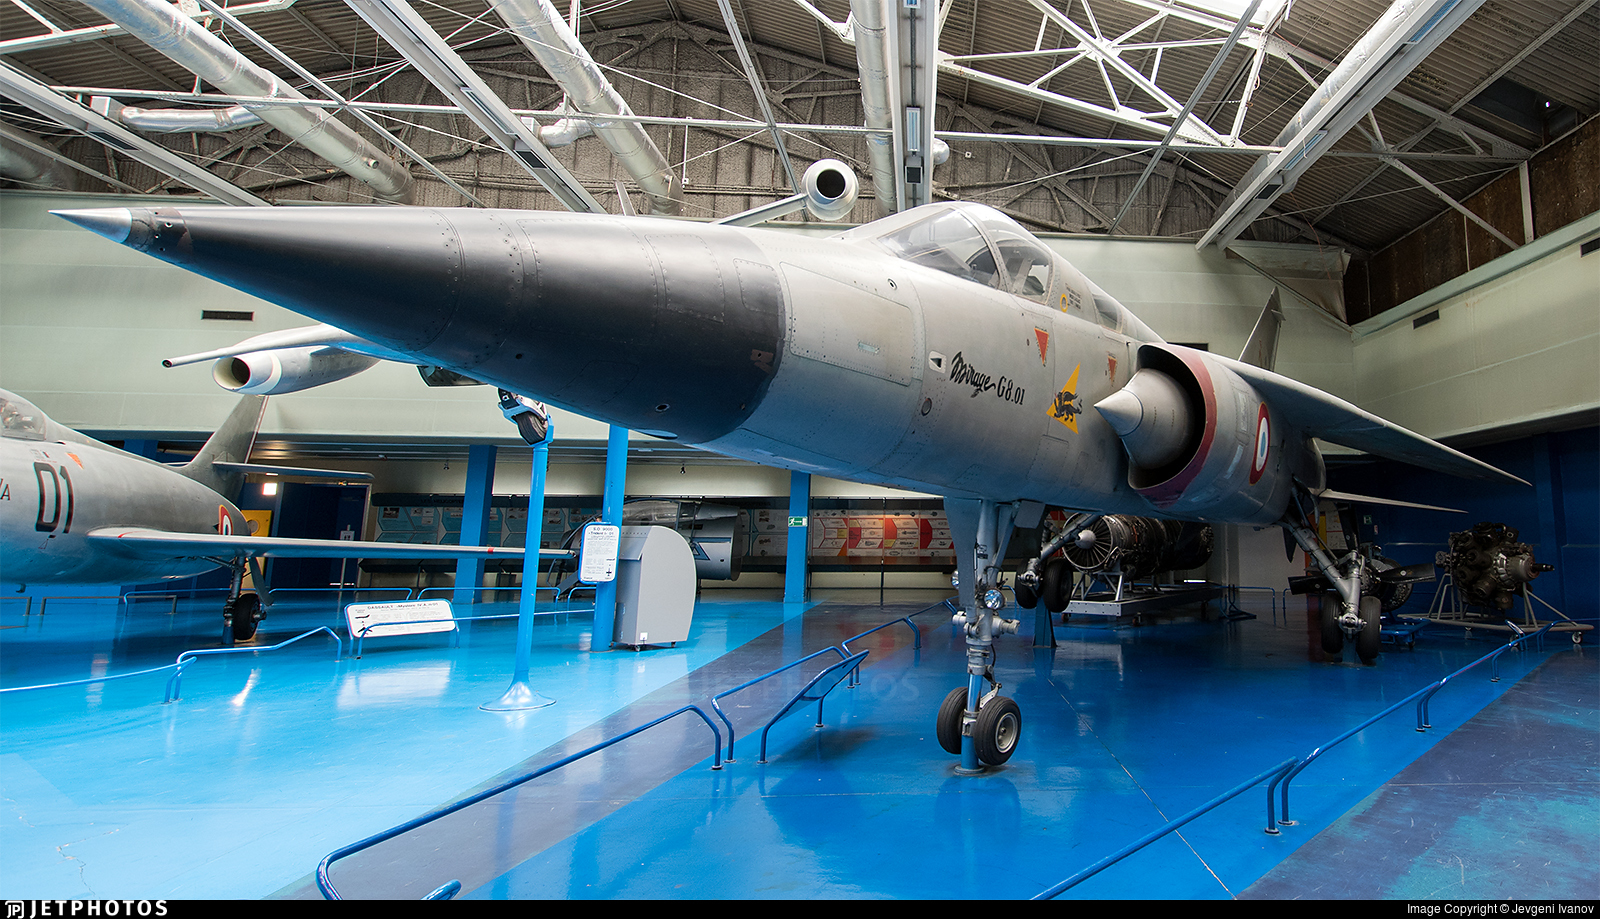 01 - Dassault Mirage G8 - France - Air Force